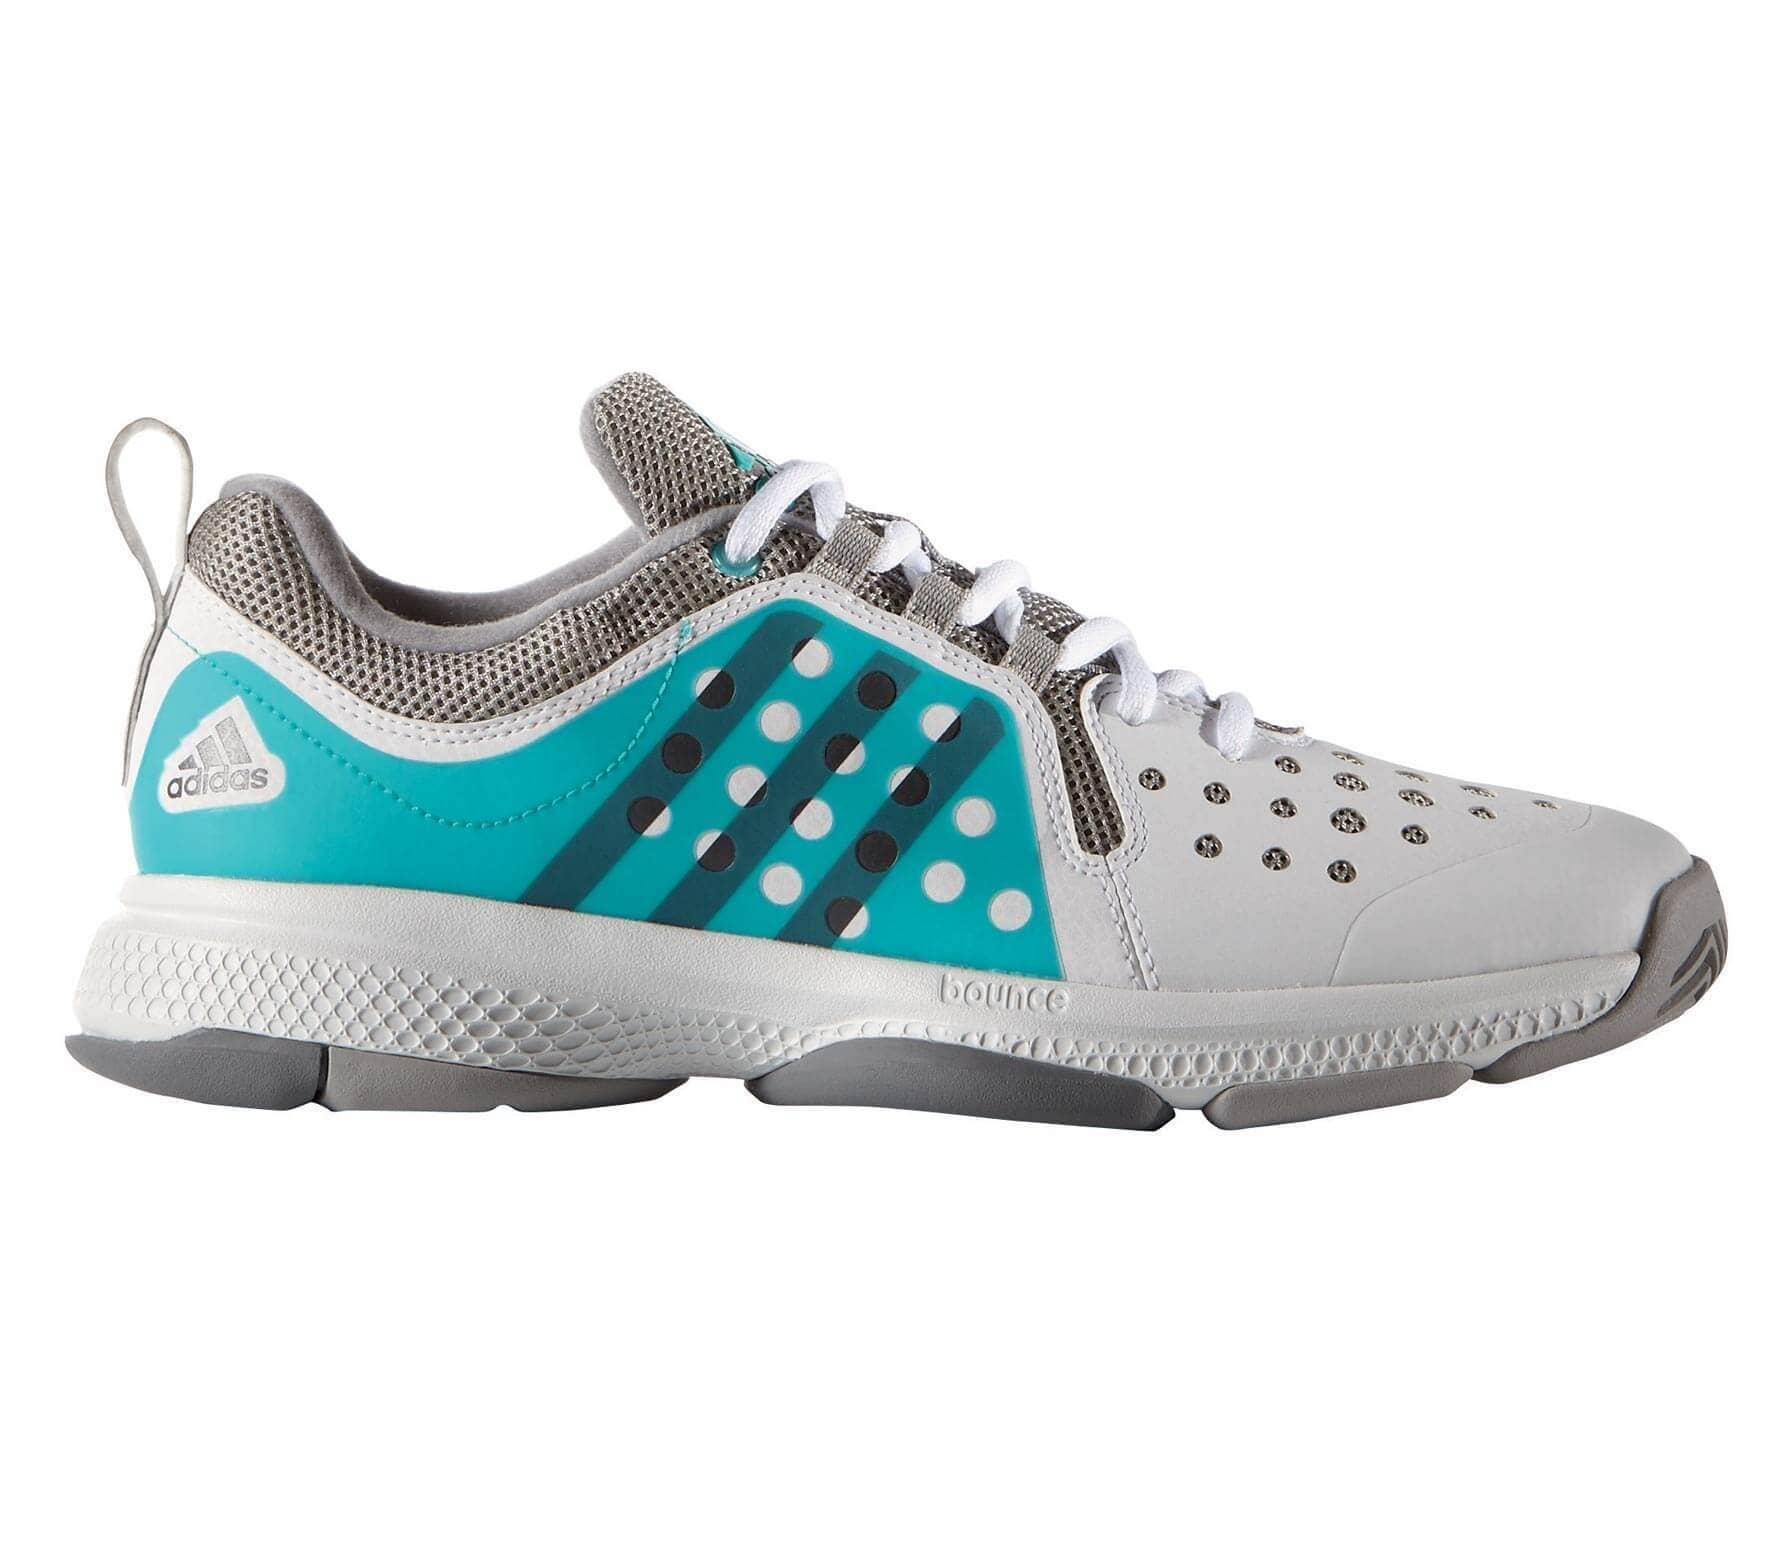 huge selection of 28d11 fe4f2 Adidas - Barricade Classic Bounce Dam tennis Shoe (vitturkos)